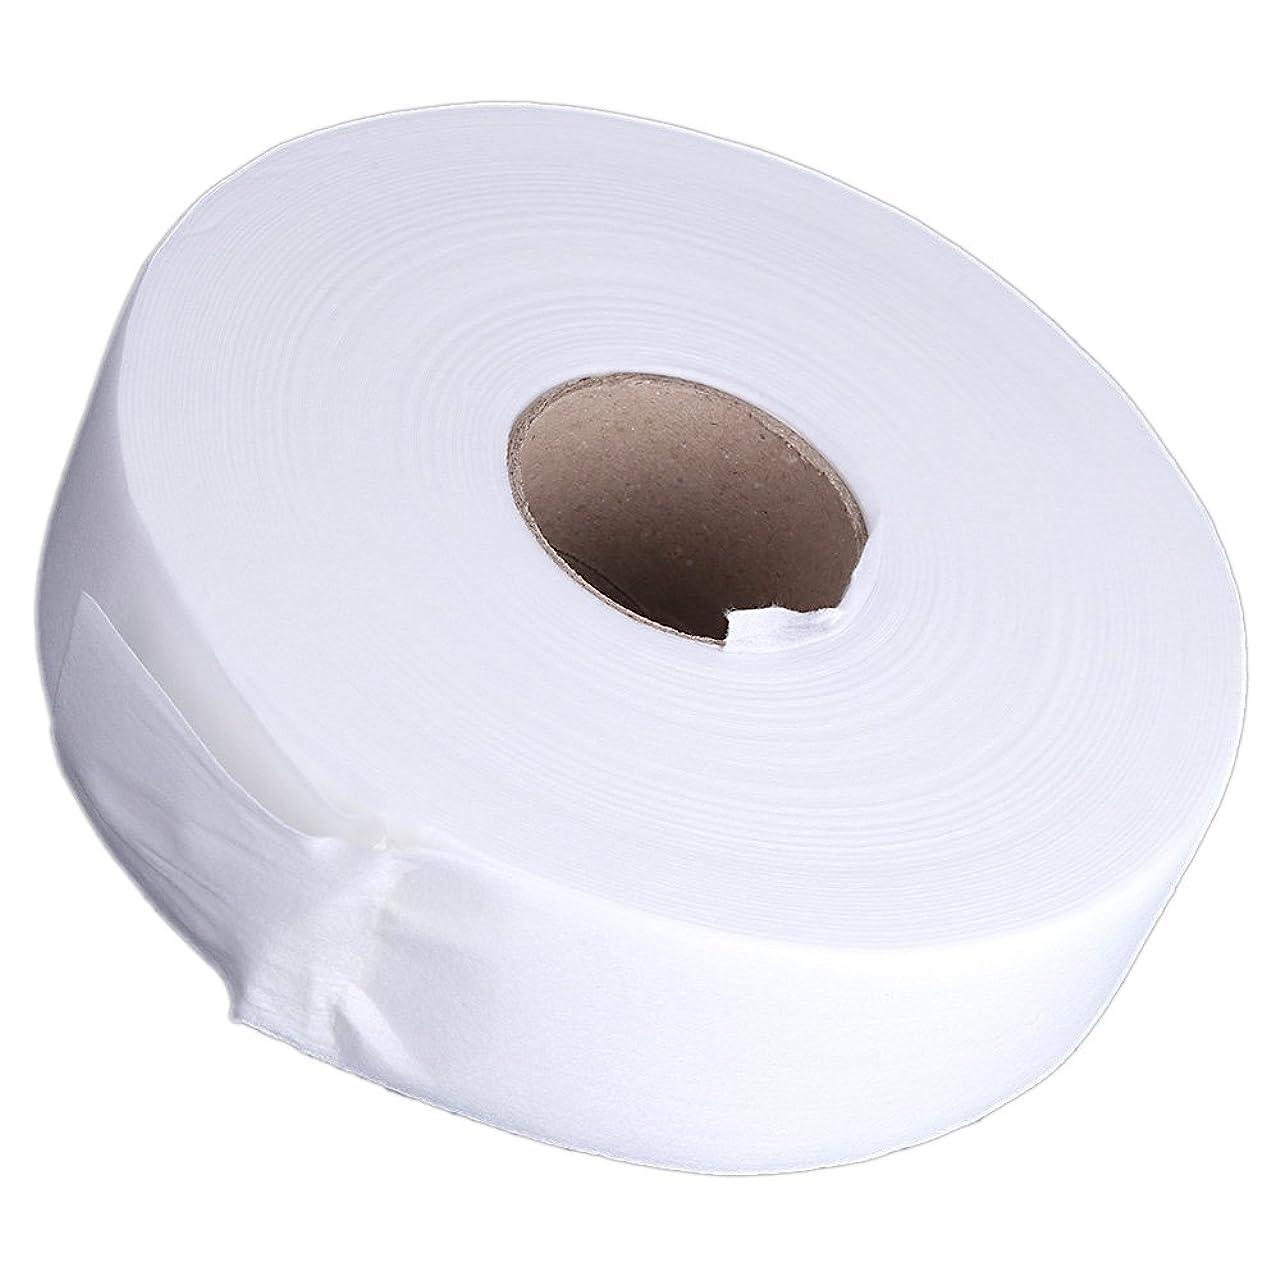 気取らない肥沃な広いGaoominy 100ヤードの脱毛紙脱毛ワックスストリップ 不織布ペーパーワックスロール(白)